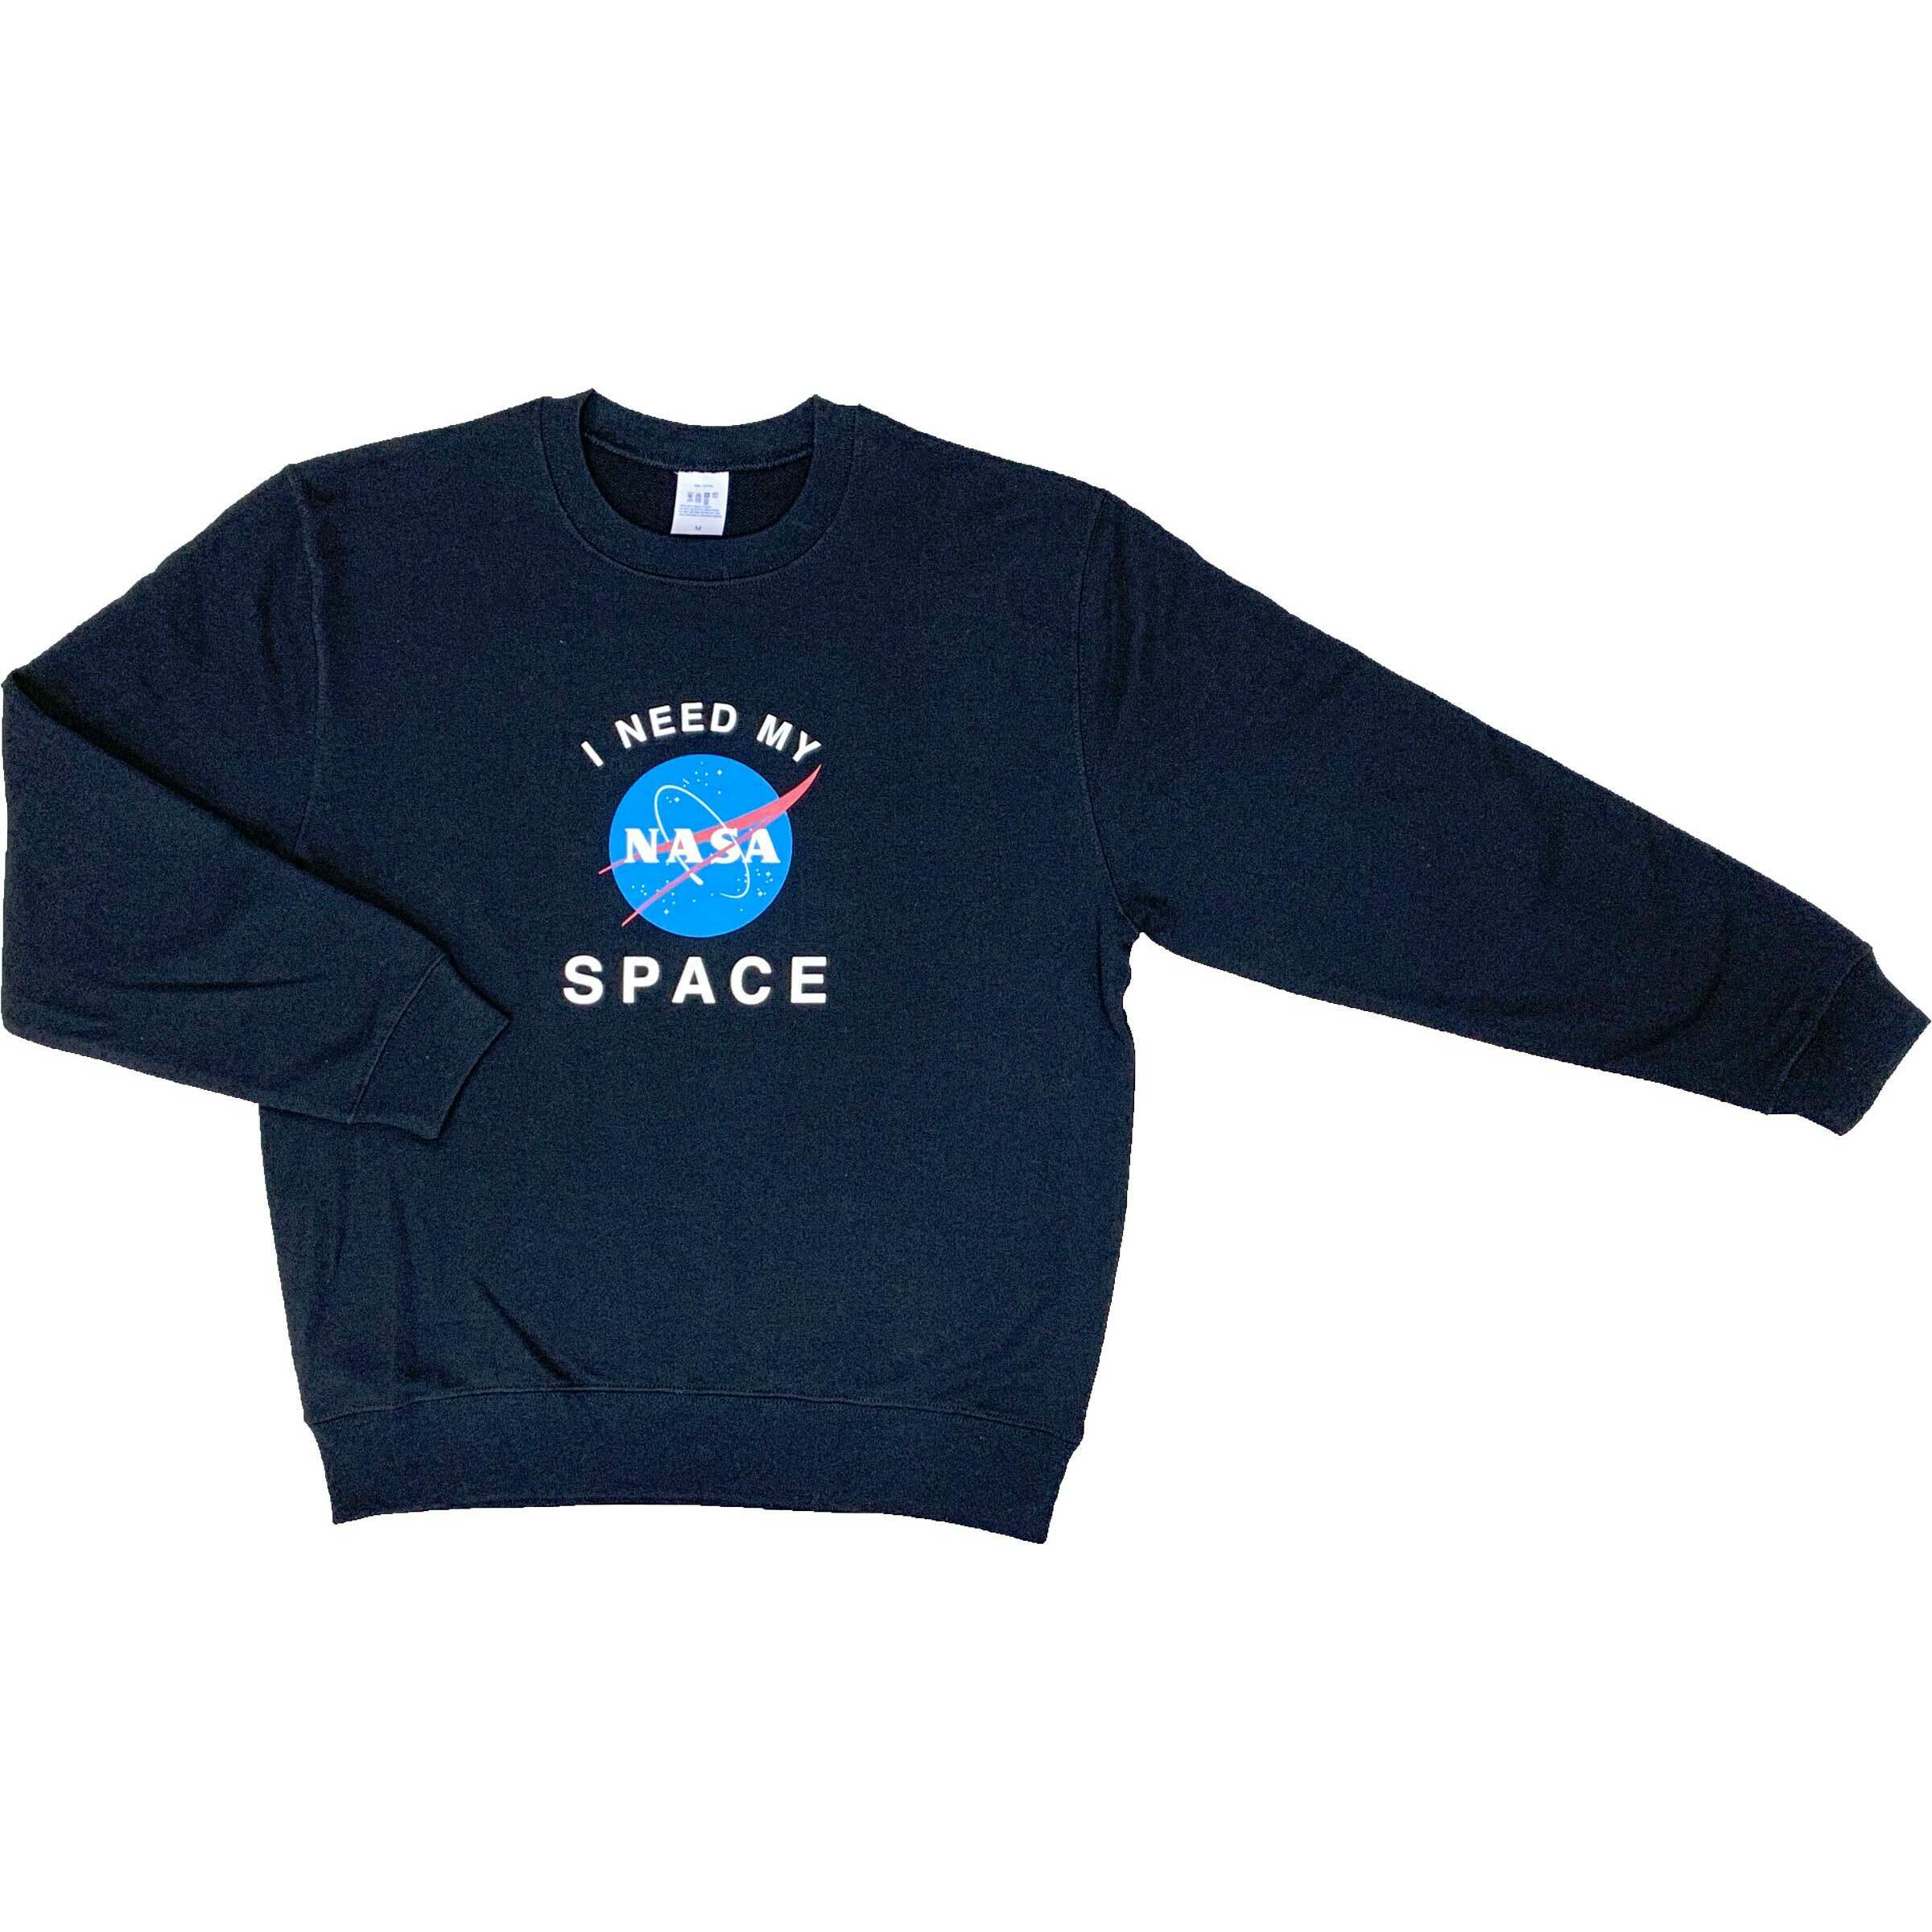 NASA公認(アメリカ航空宇宙局)・トレーナー・JERZEES(ジャージーズ)ボディ・インサイニア(ミートボール)・ブラック